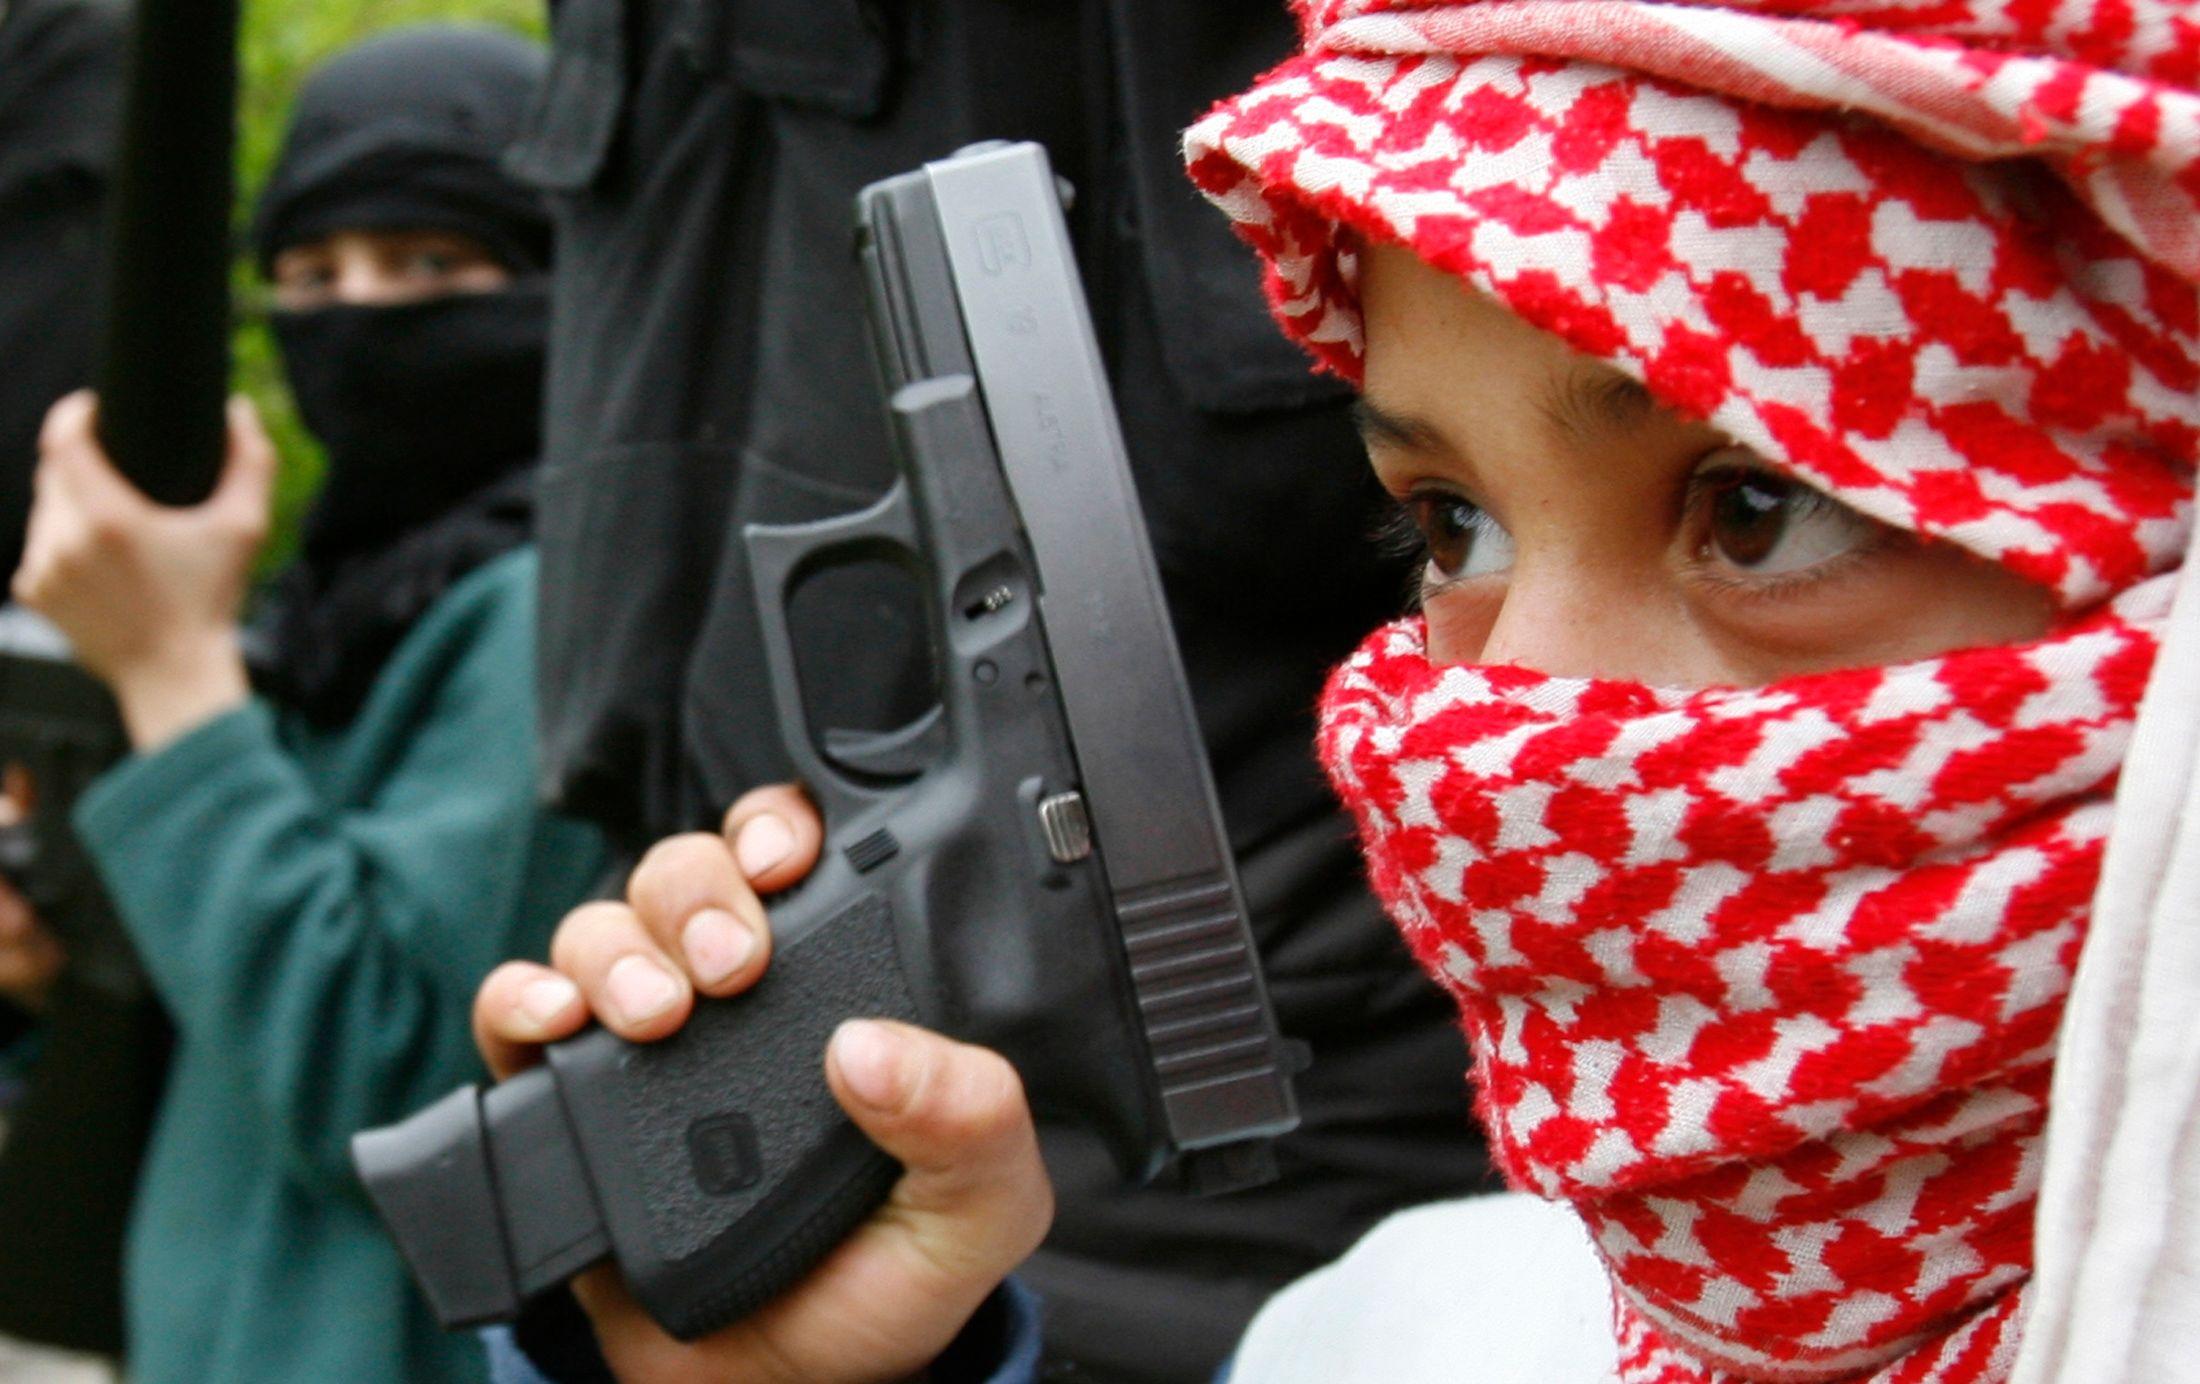 Comment nous avons sous-estimé l'importance des forces d'Al Qaida